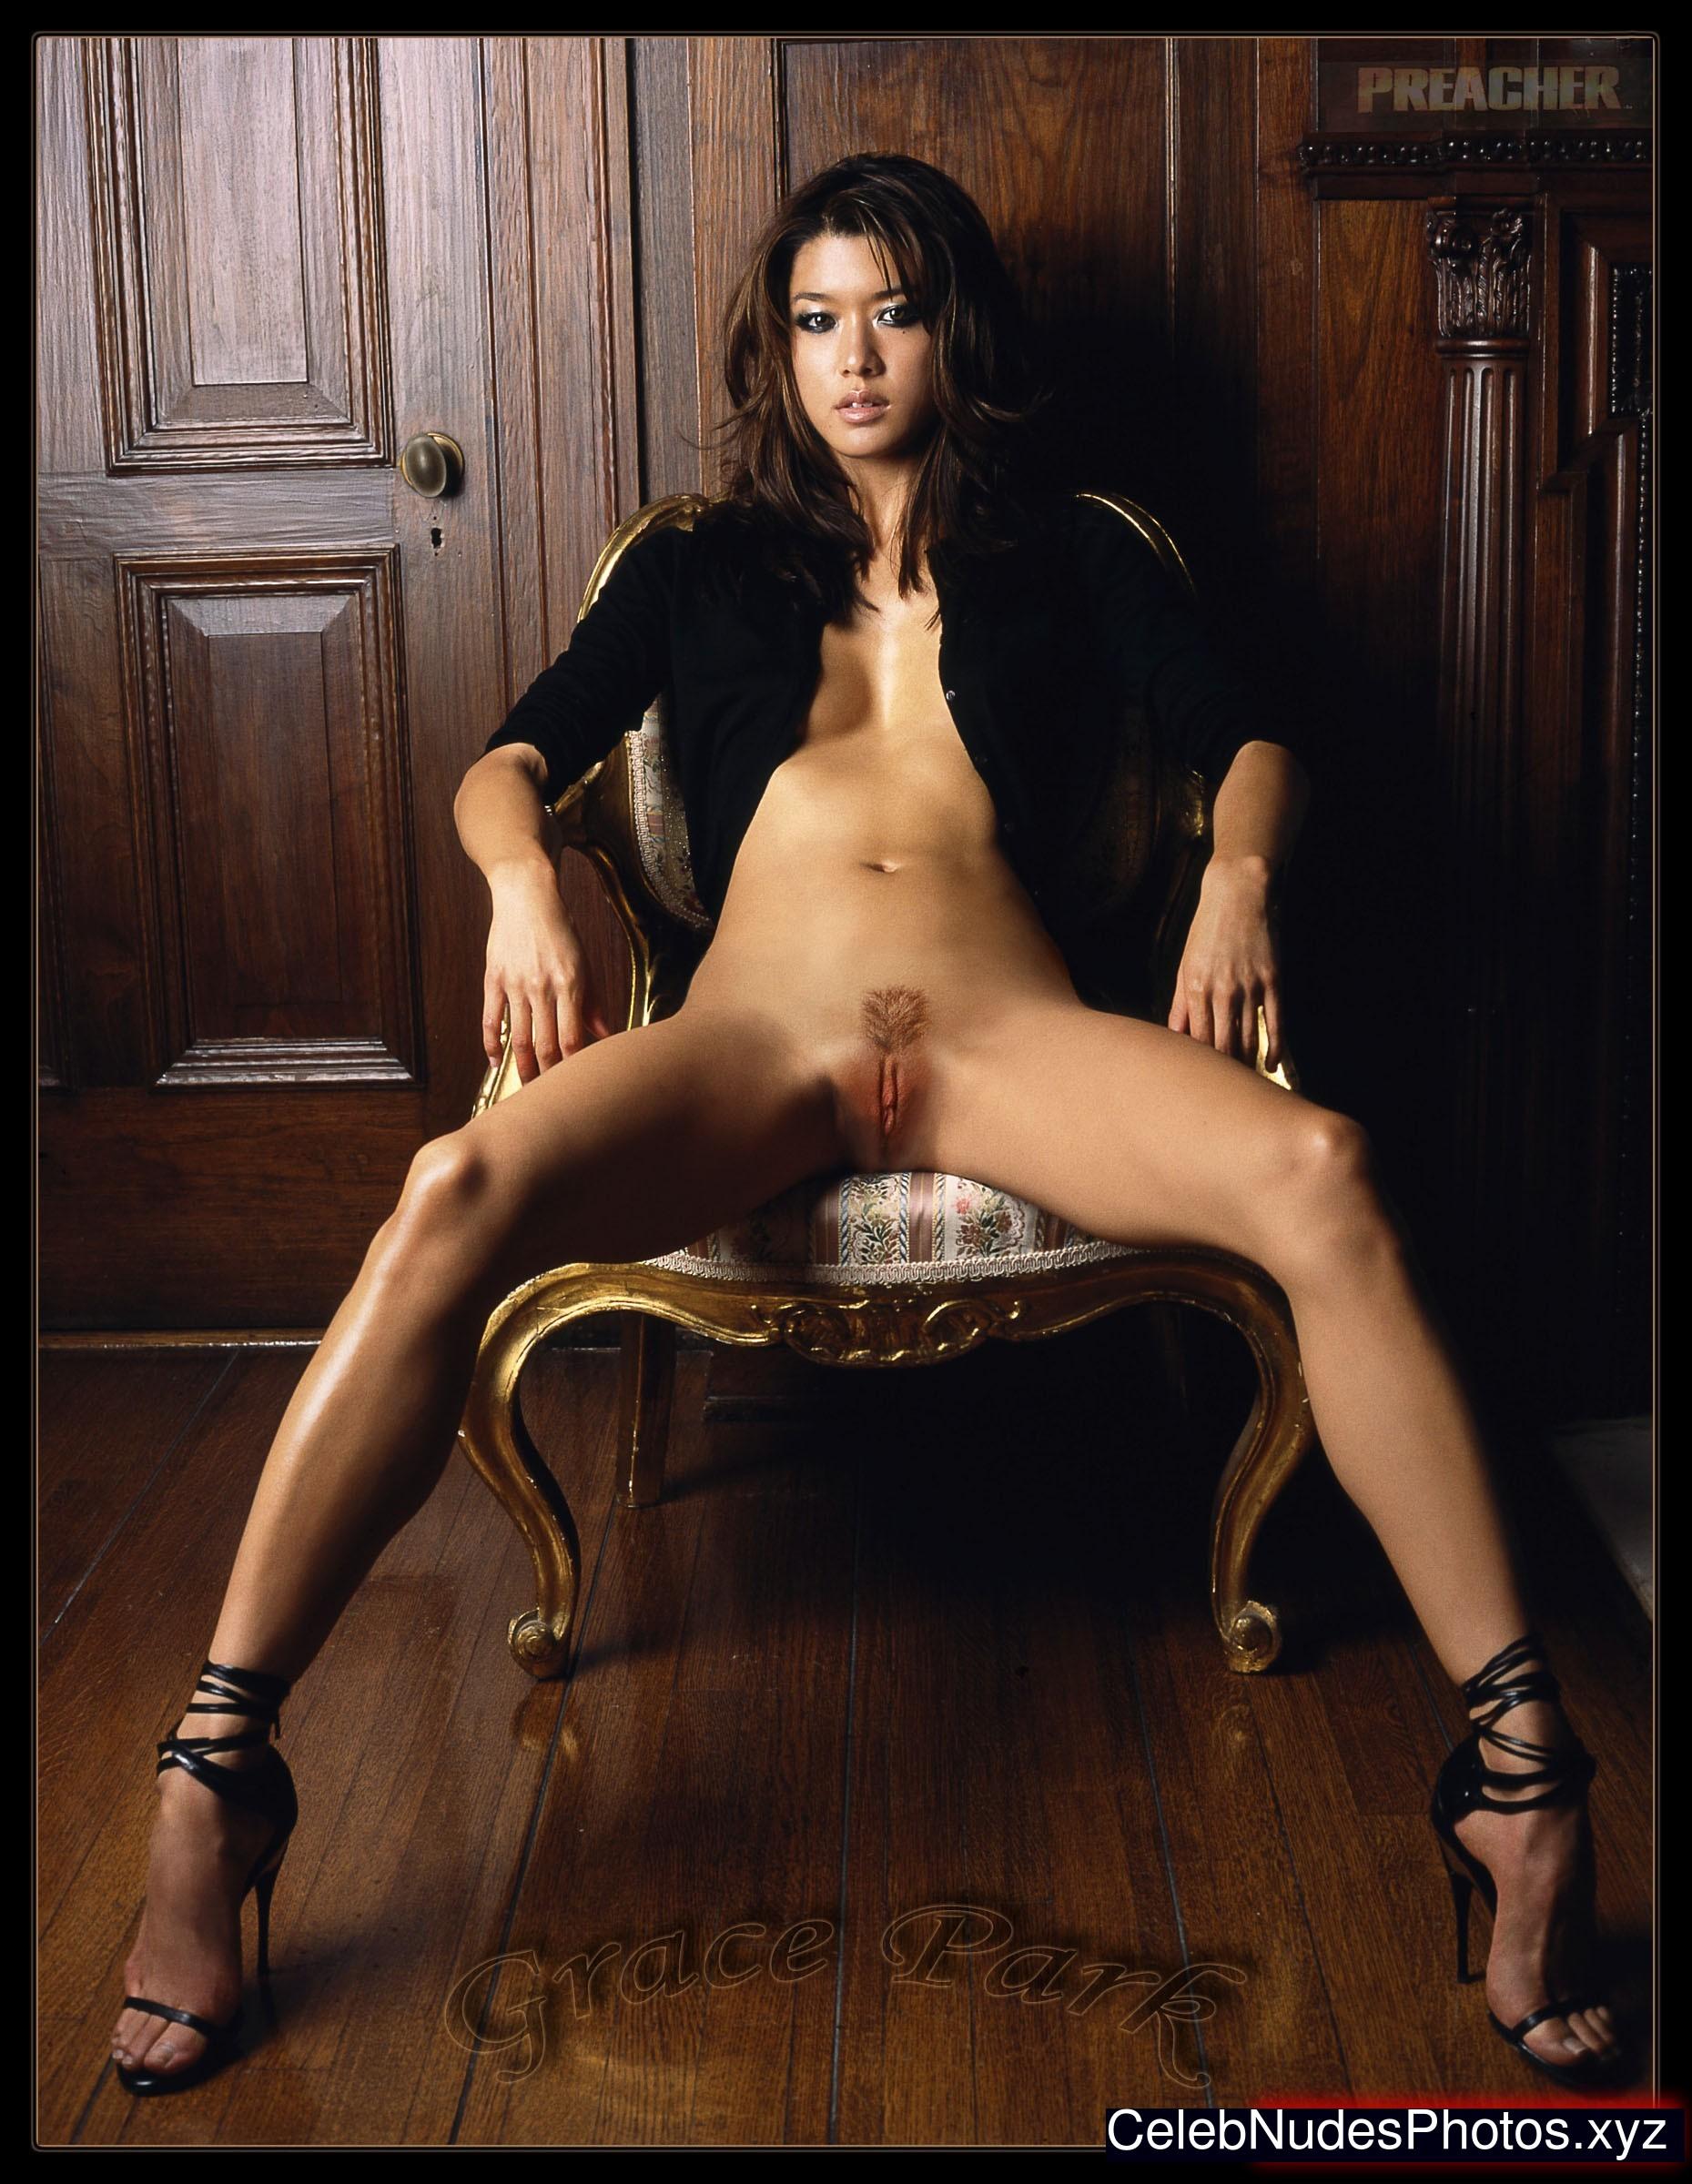 Grace Park Celeb Nude sexy 16